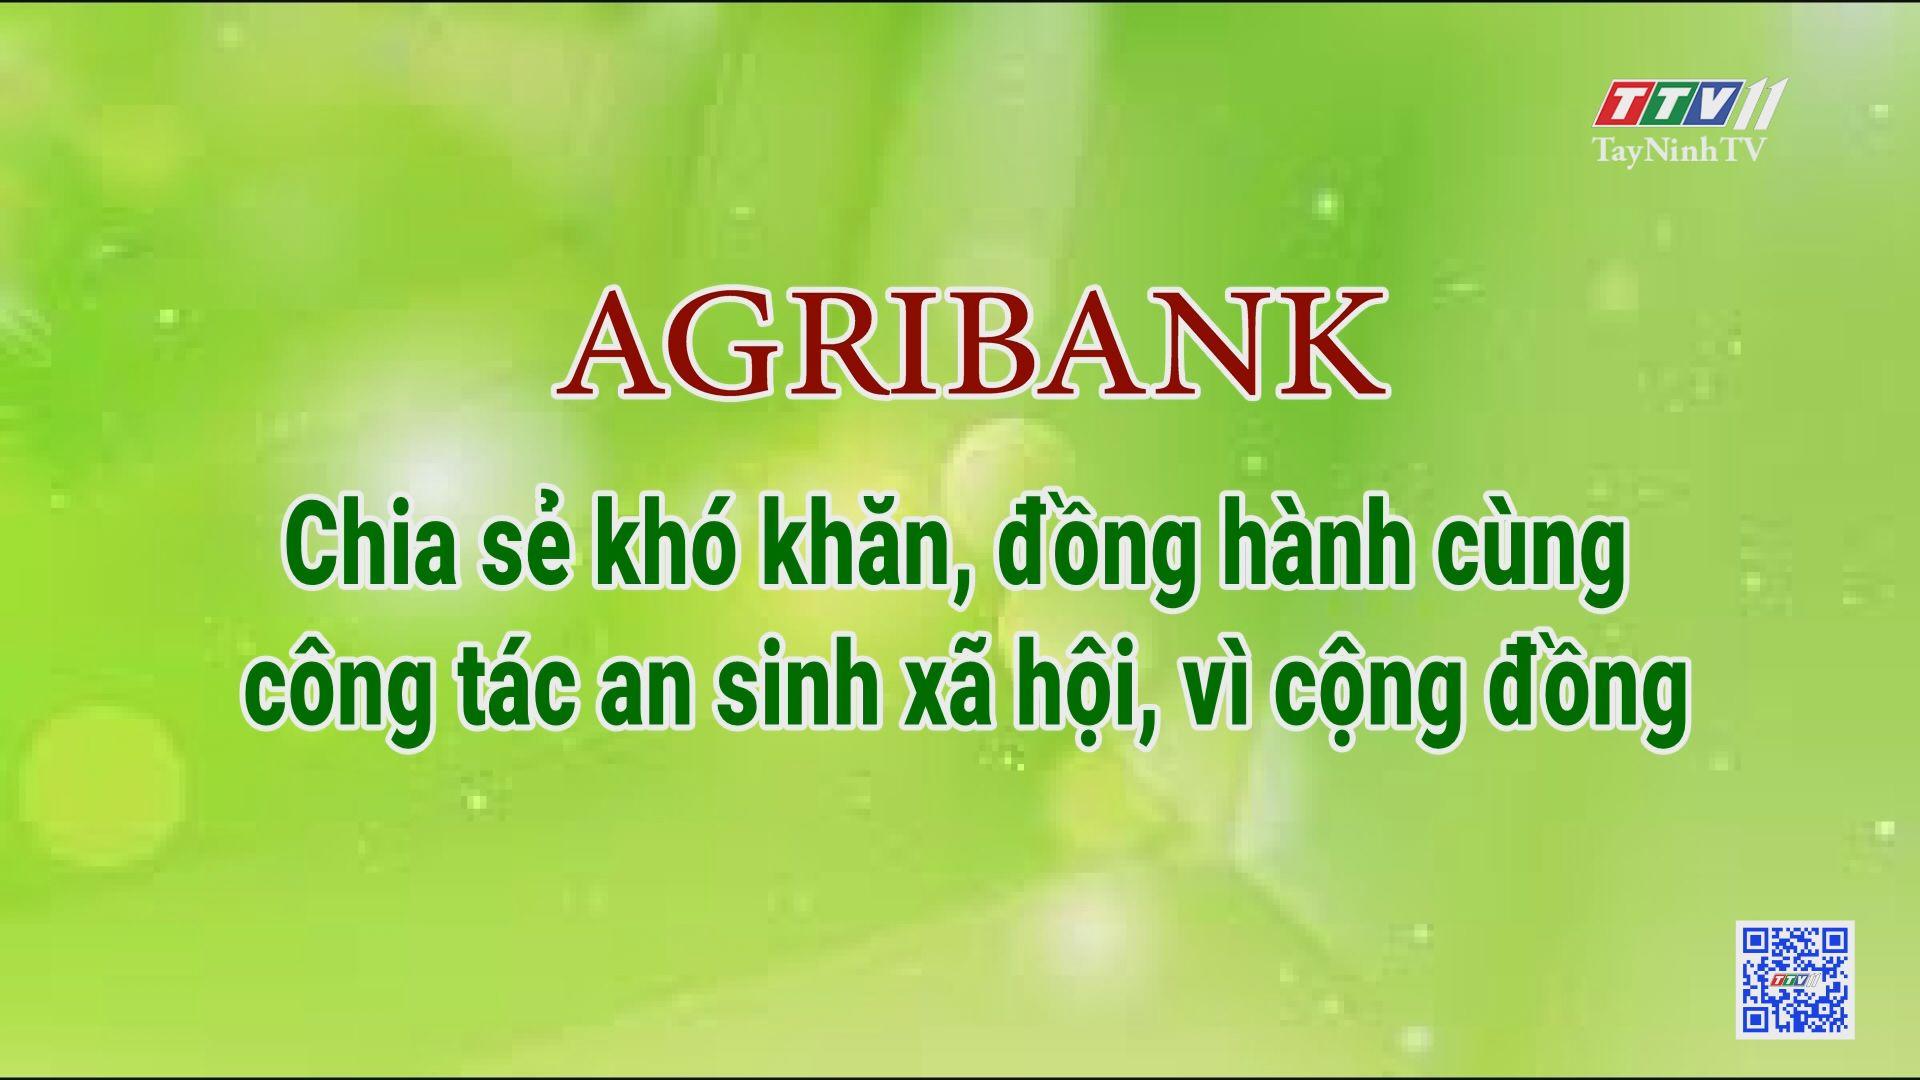 Agribank-Chia sẻ khó khăn, đồng hành cùng công tác an sinh xã hội, vì cộng đồng   NGÂN HÀNG VỚI TAM NÔNG   TayNinhTV